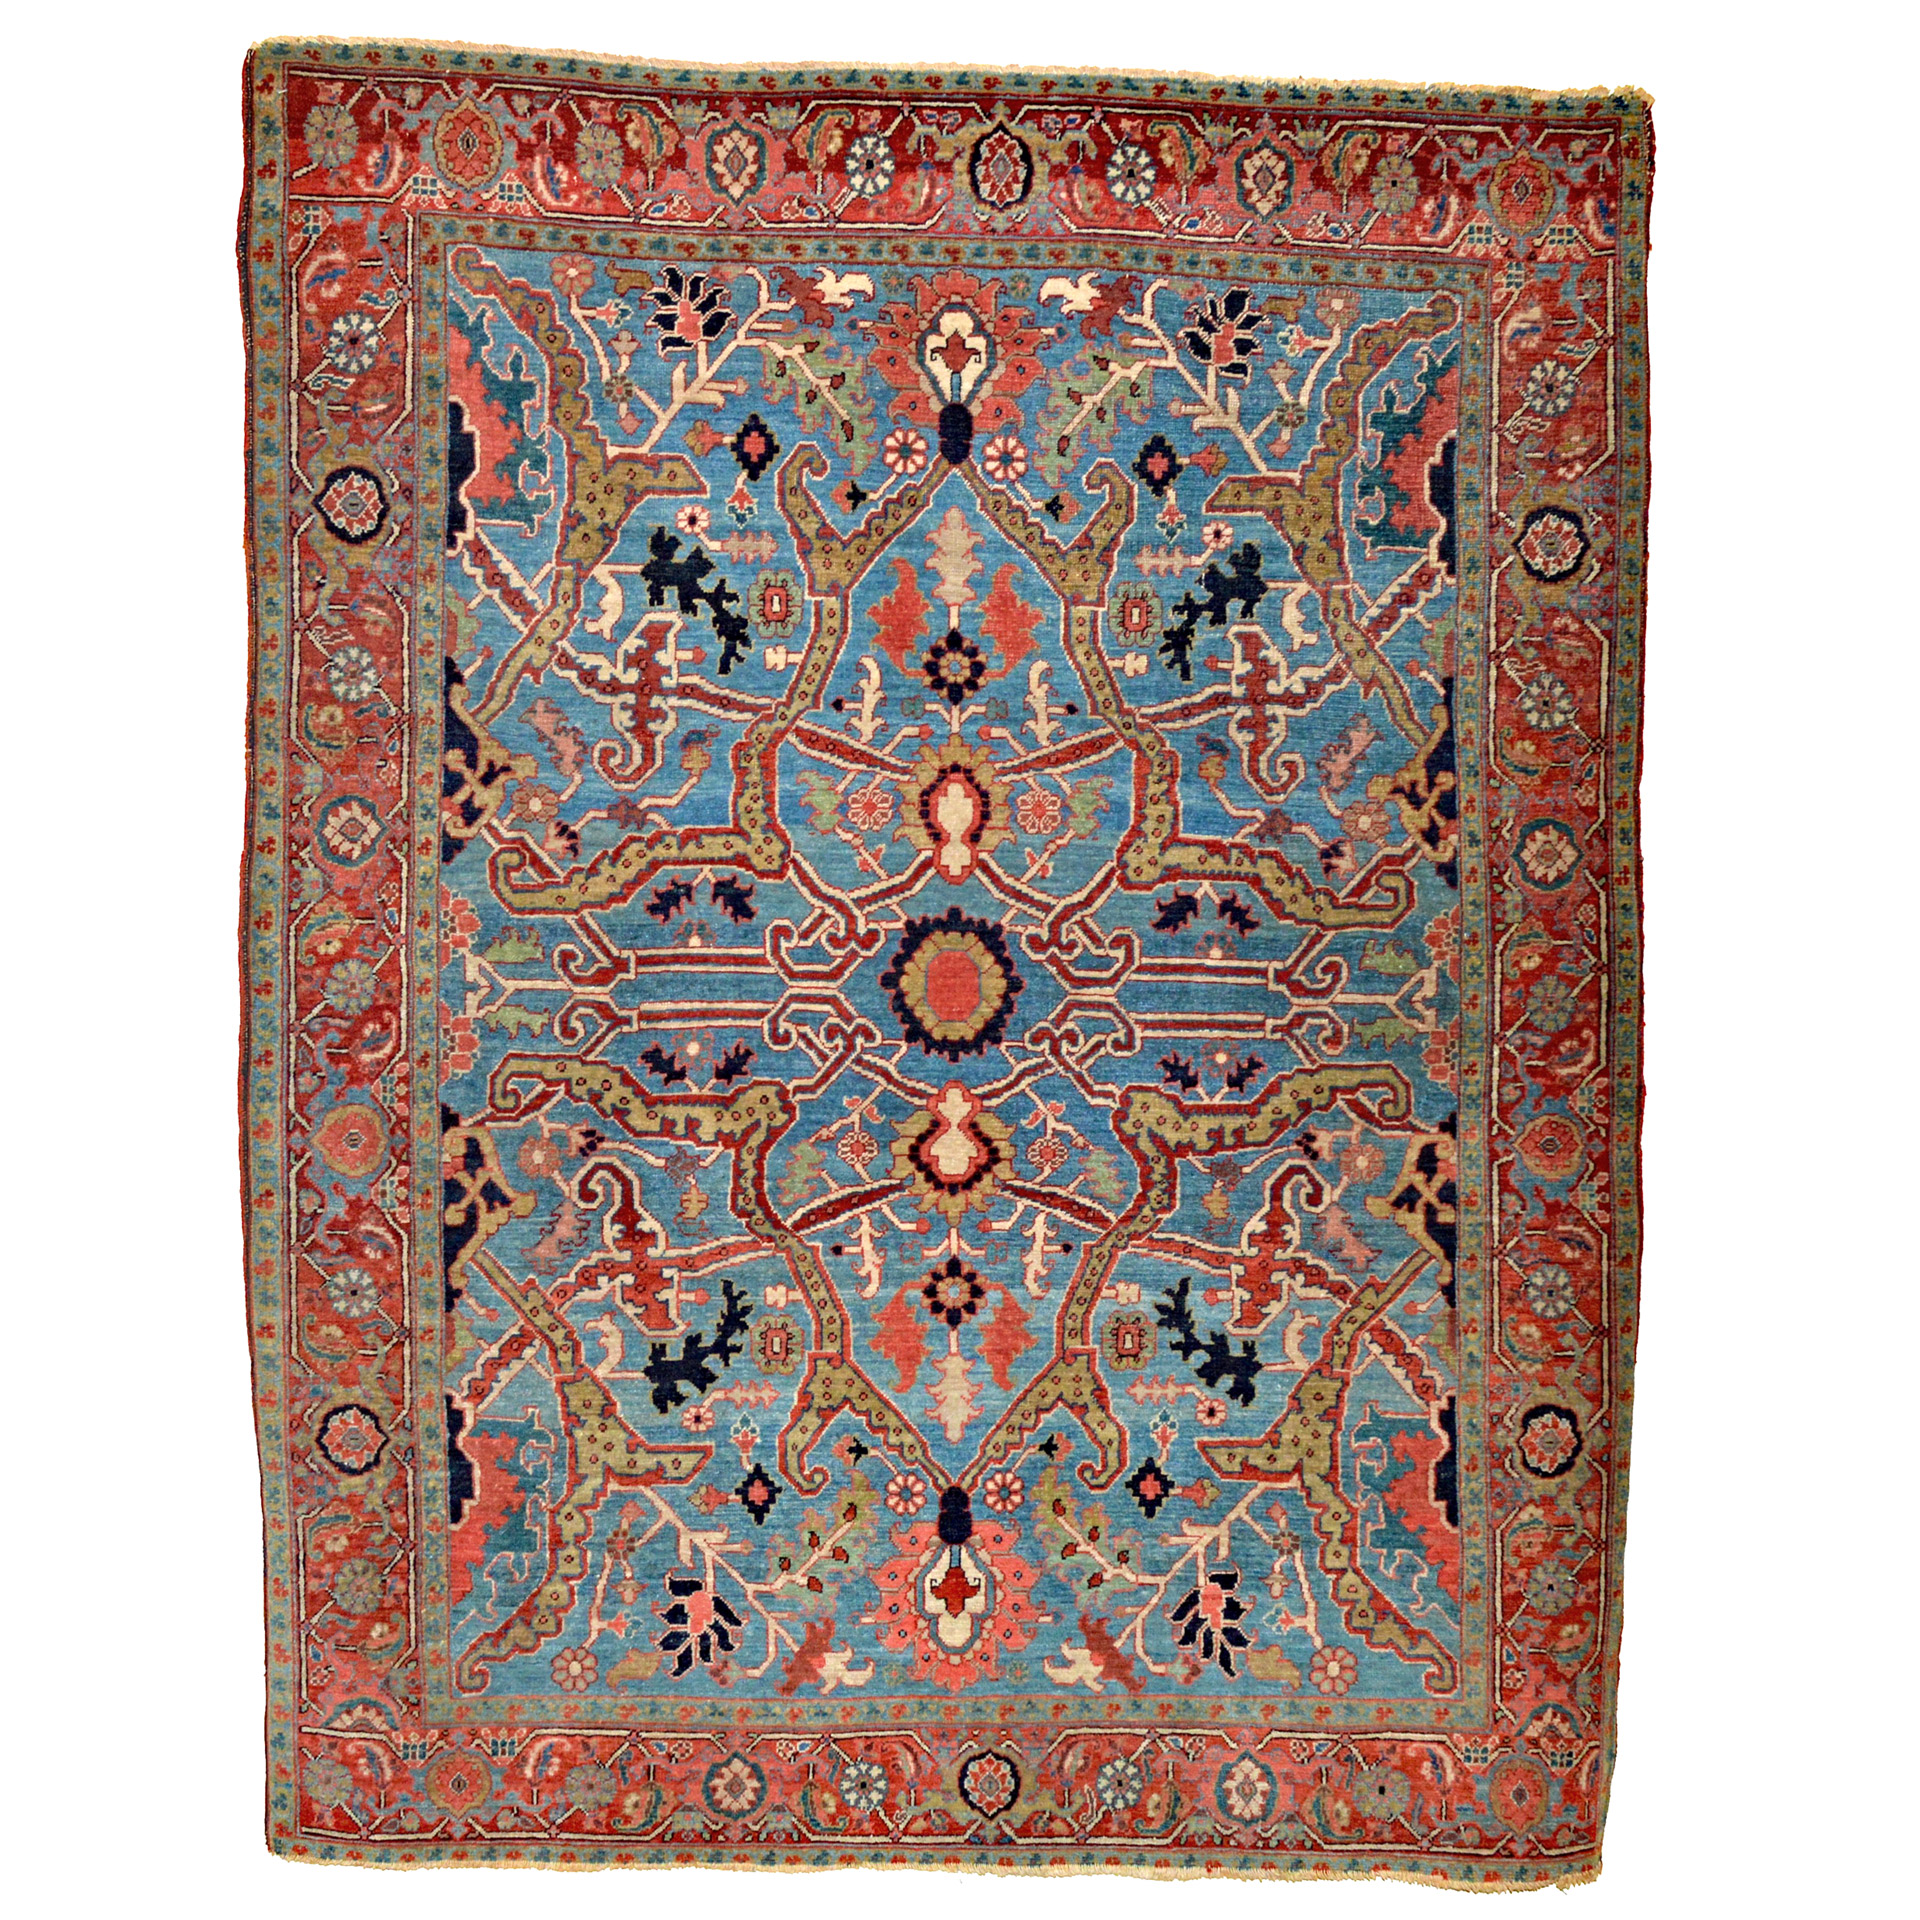 Antique Persian Heriz Serapi rug with a rare sky blue field and Split Arabesque design combination